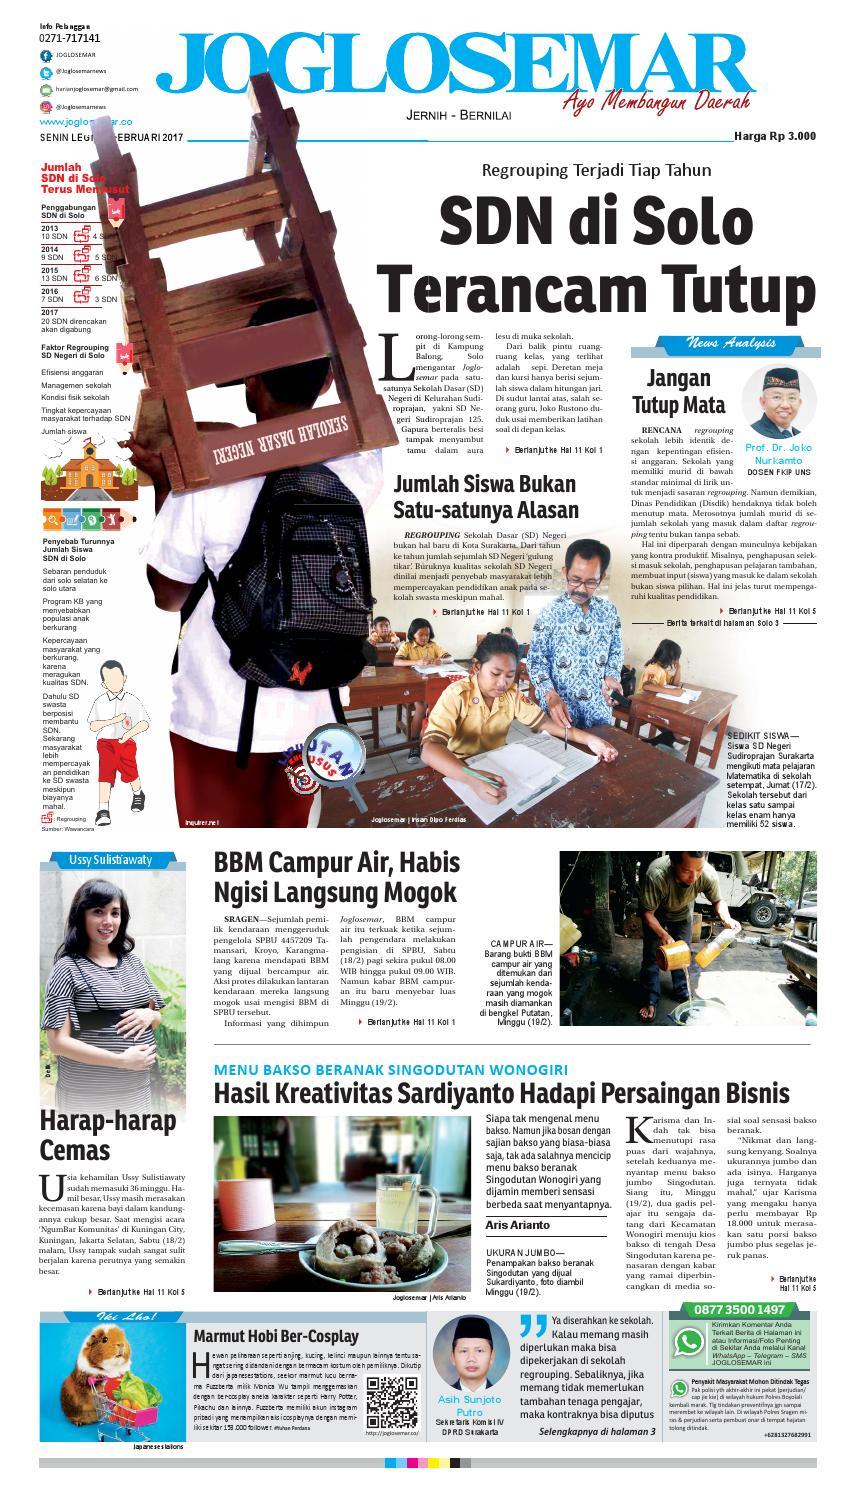 E Paper 20 Februari 2017 By Pt Joglosemar Prima Media Issuu Produk Ukm Bumn Batik Lengan Panjang Parang Toko Ngremboko